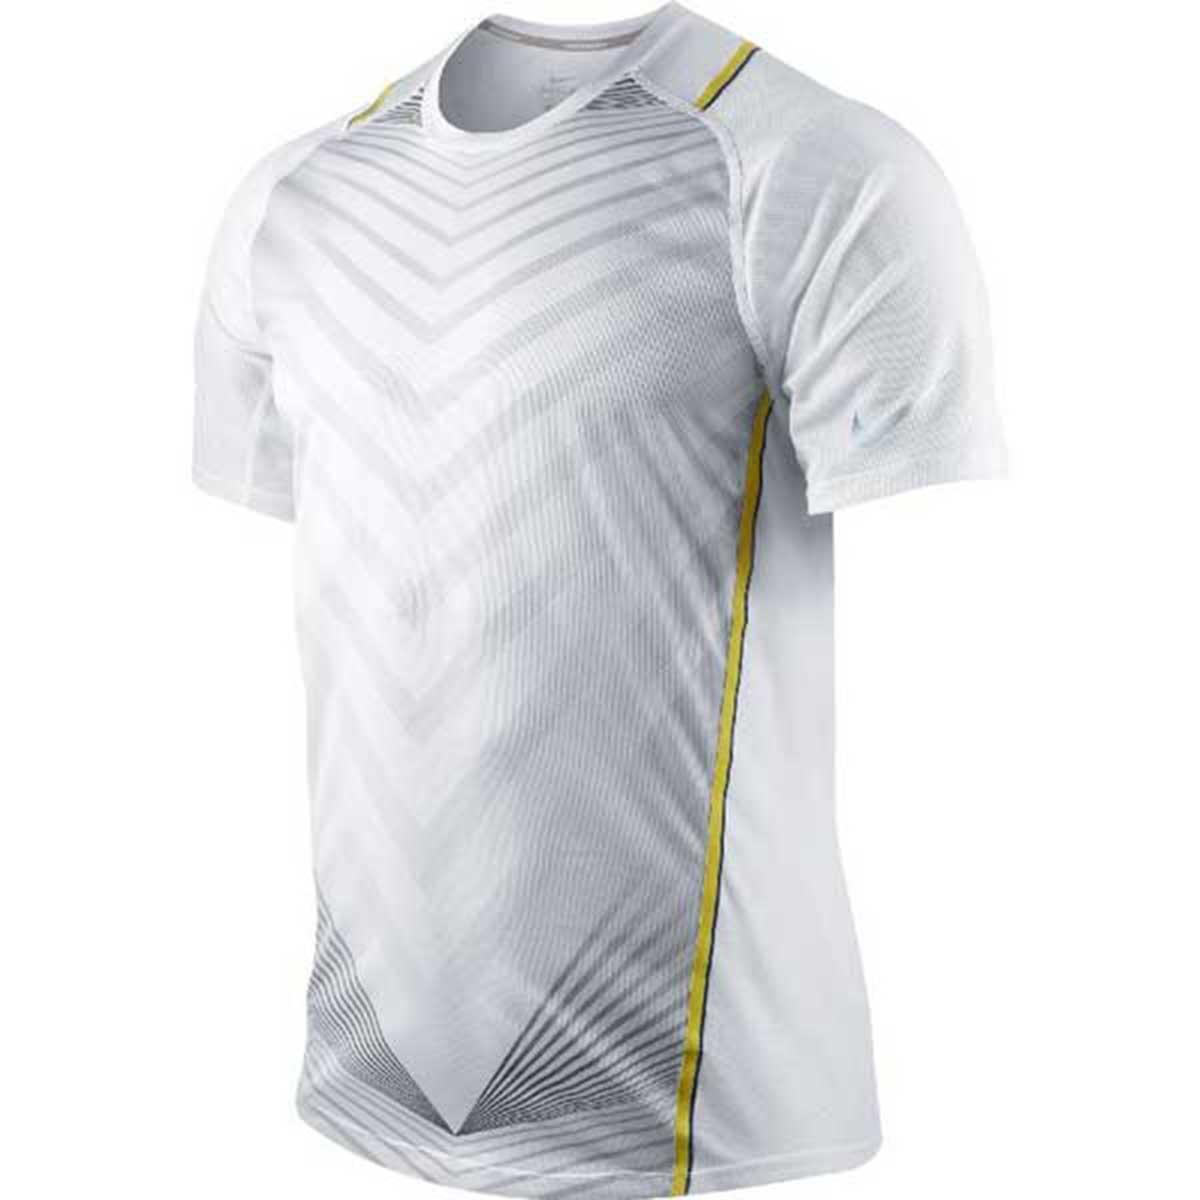 8d102e652226b Buy Nike Race Day Men's Running T-Shirt (White) Online India